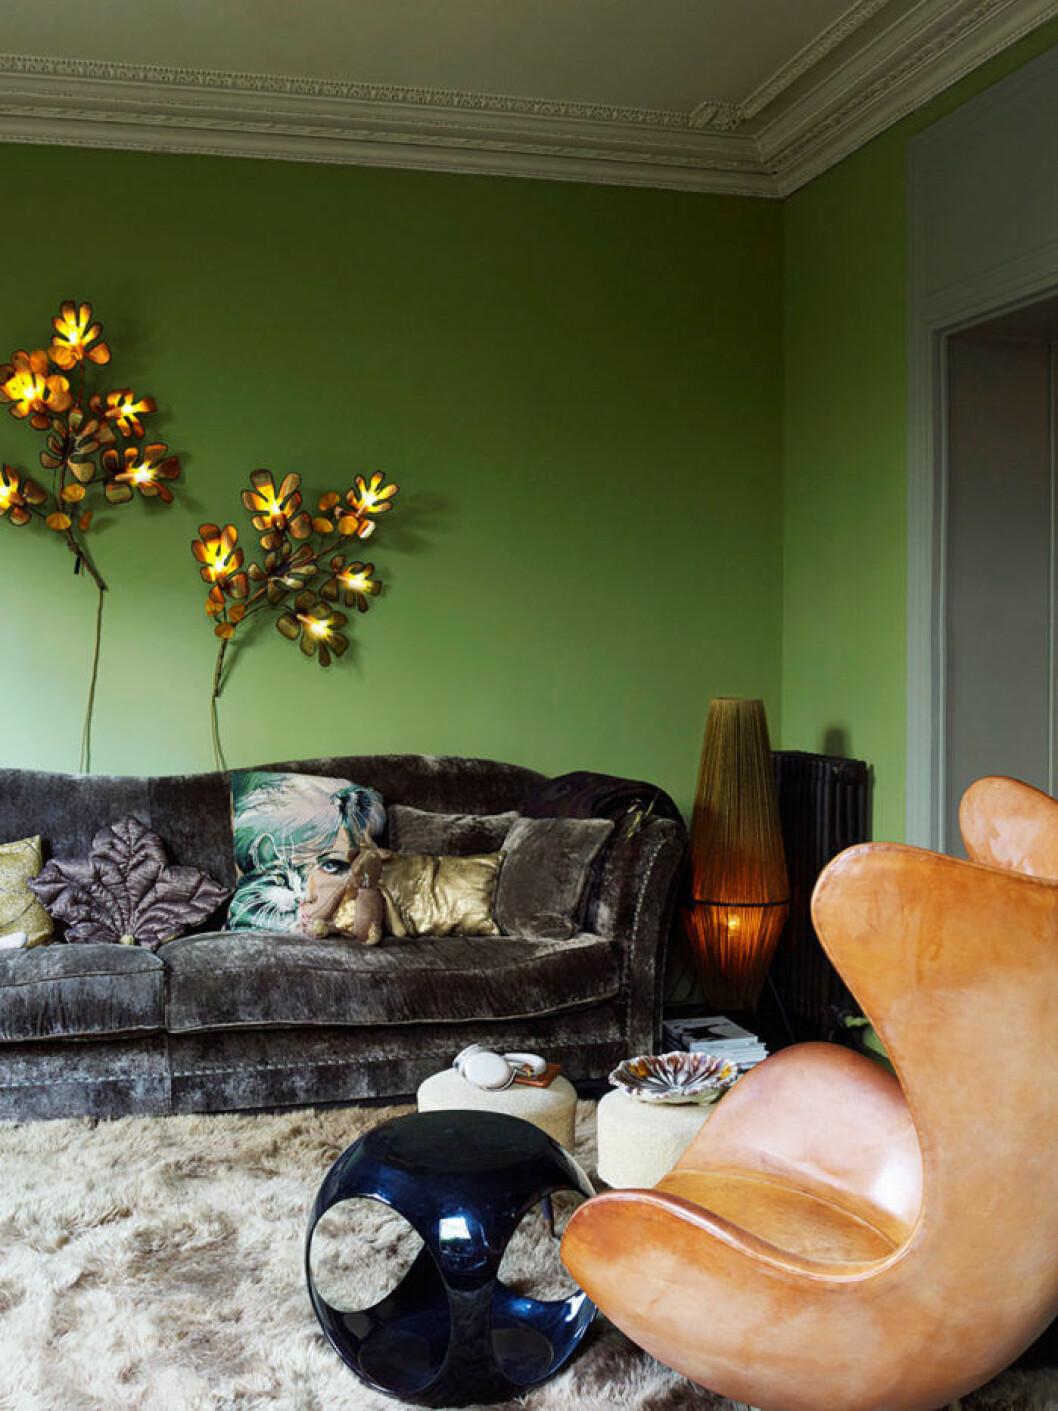 livingroom_vardagsrum_velvet_sammet_green_Foto_Gaelle_Le_Boulicaut